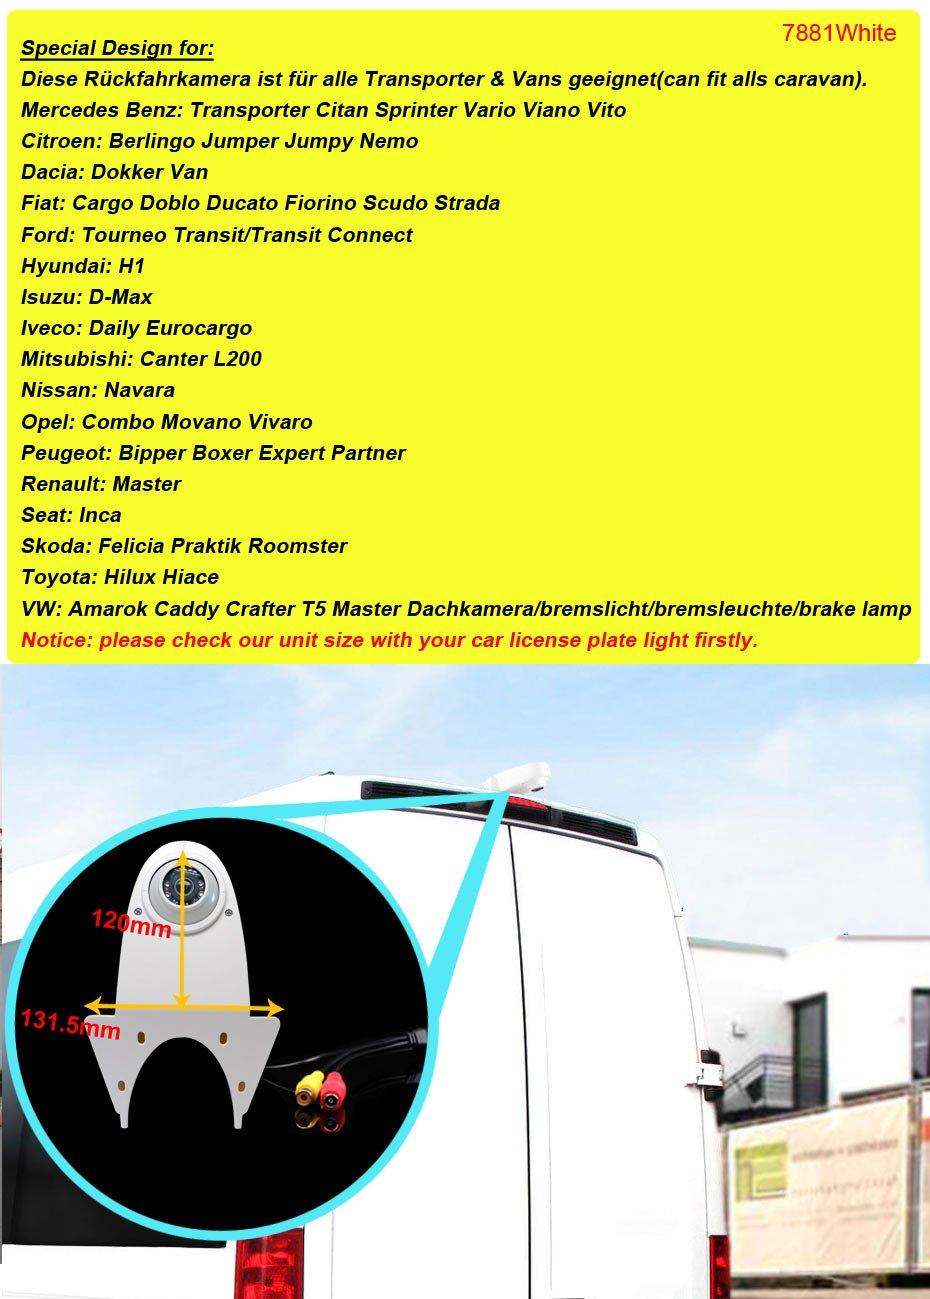 Bremslicht Bremsleuchte passend f/ür R/ückfahrkamera Transporter Mercedes Sprinter Viano Vito Transit Ducato VW Crafter T5 Renault Master Opel Vivaro Dynavsal R/ückfahrsystem mit R/ückfahrkamera im 3